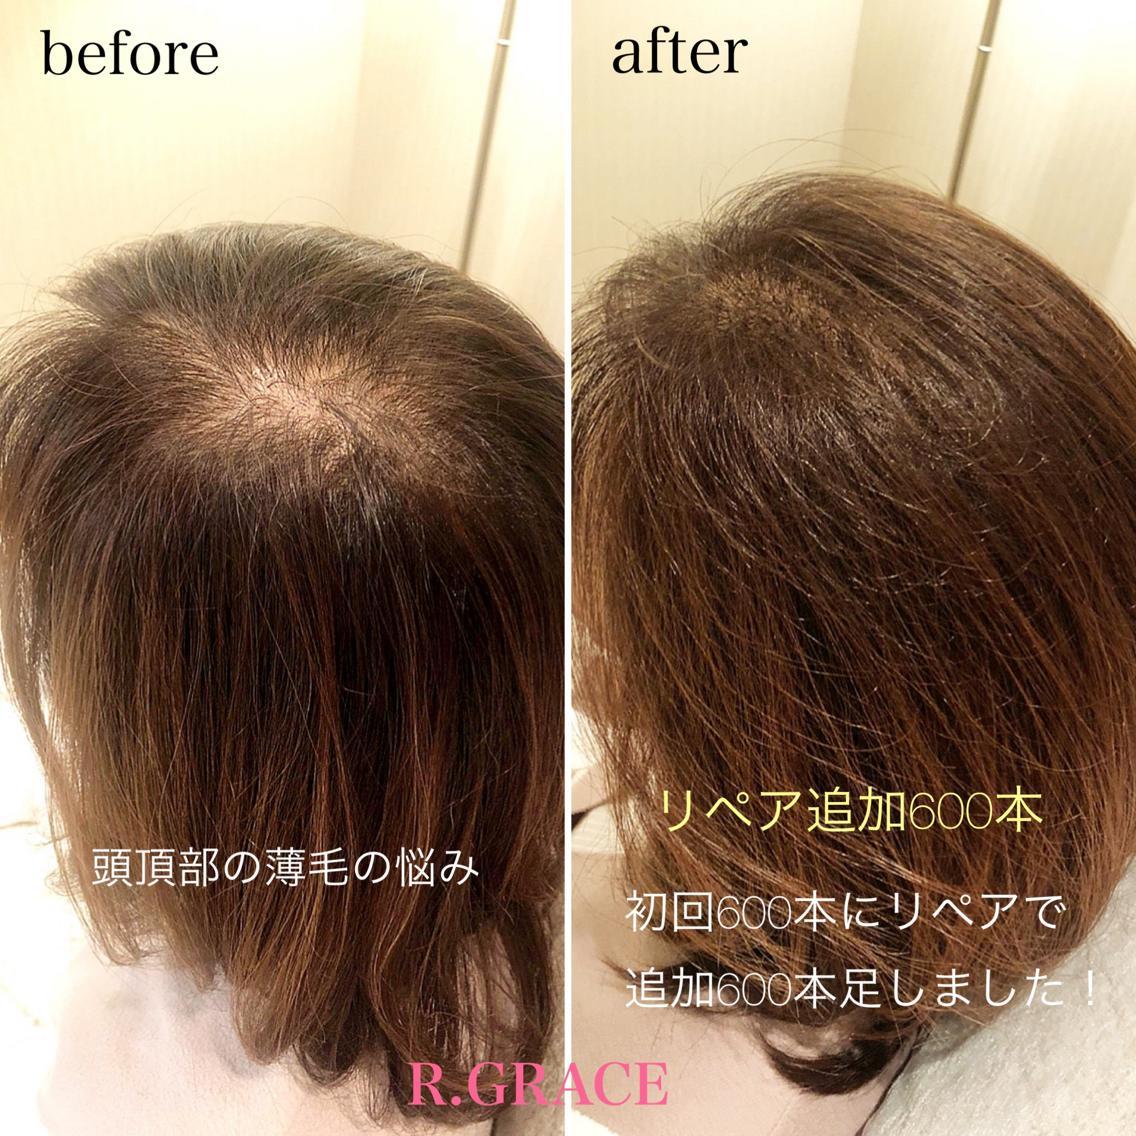 女性の悩みに多い、頭頂部の薄毛。エアエクをやることでふんわり